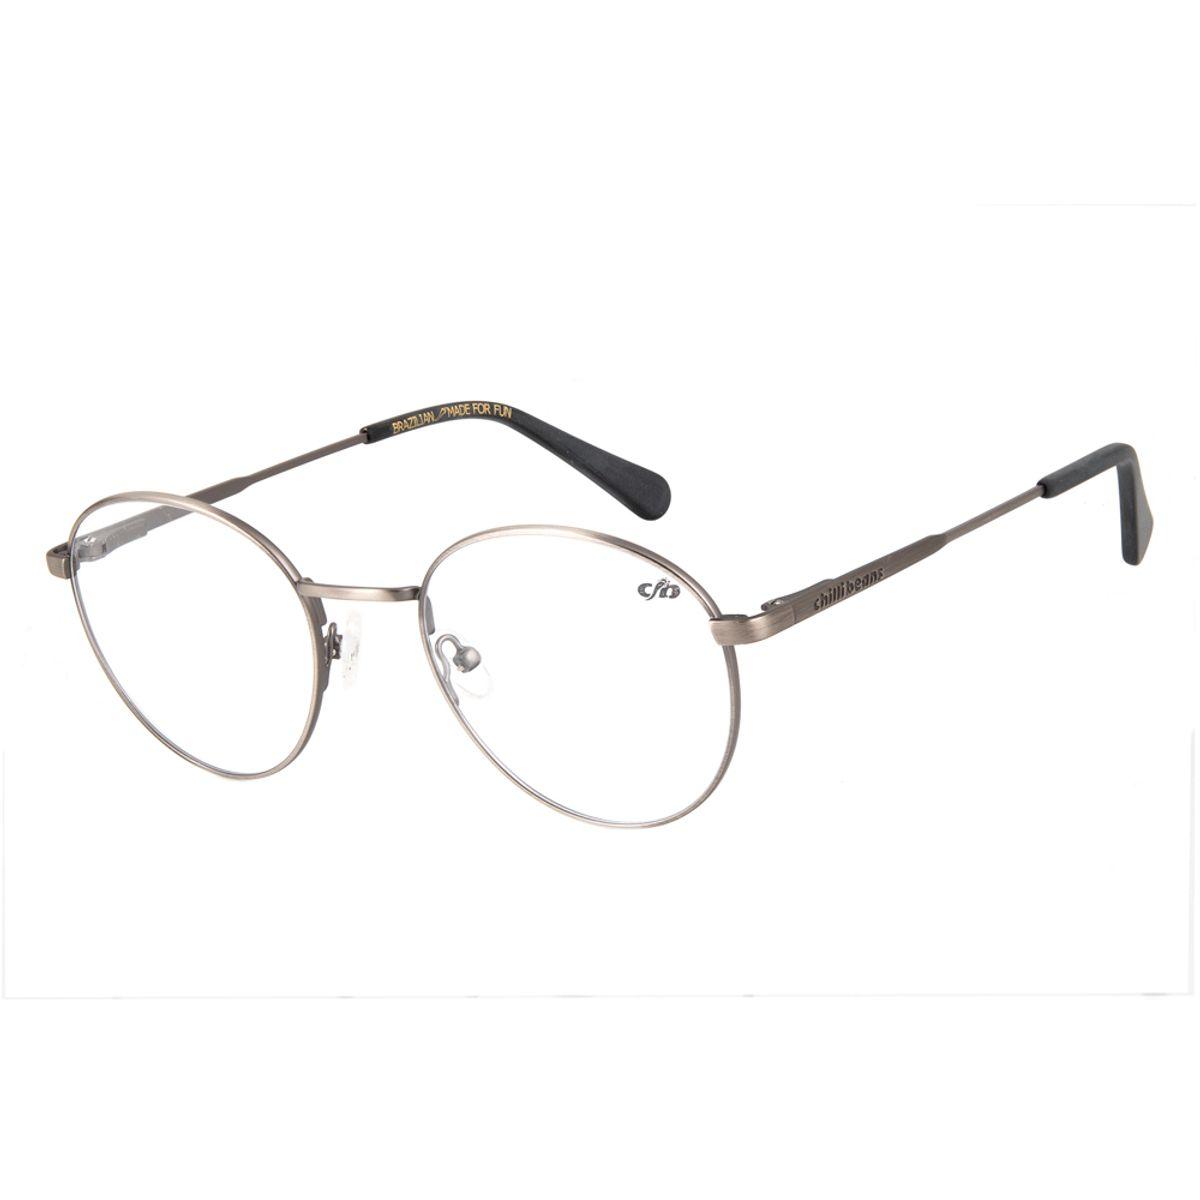 d54ec5460e96a Armação para Óculos de Grau Unissex Chilli Beans Redondo Cinza ...